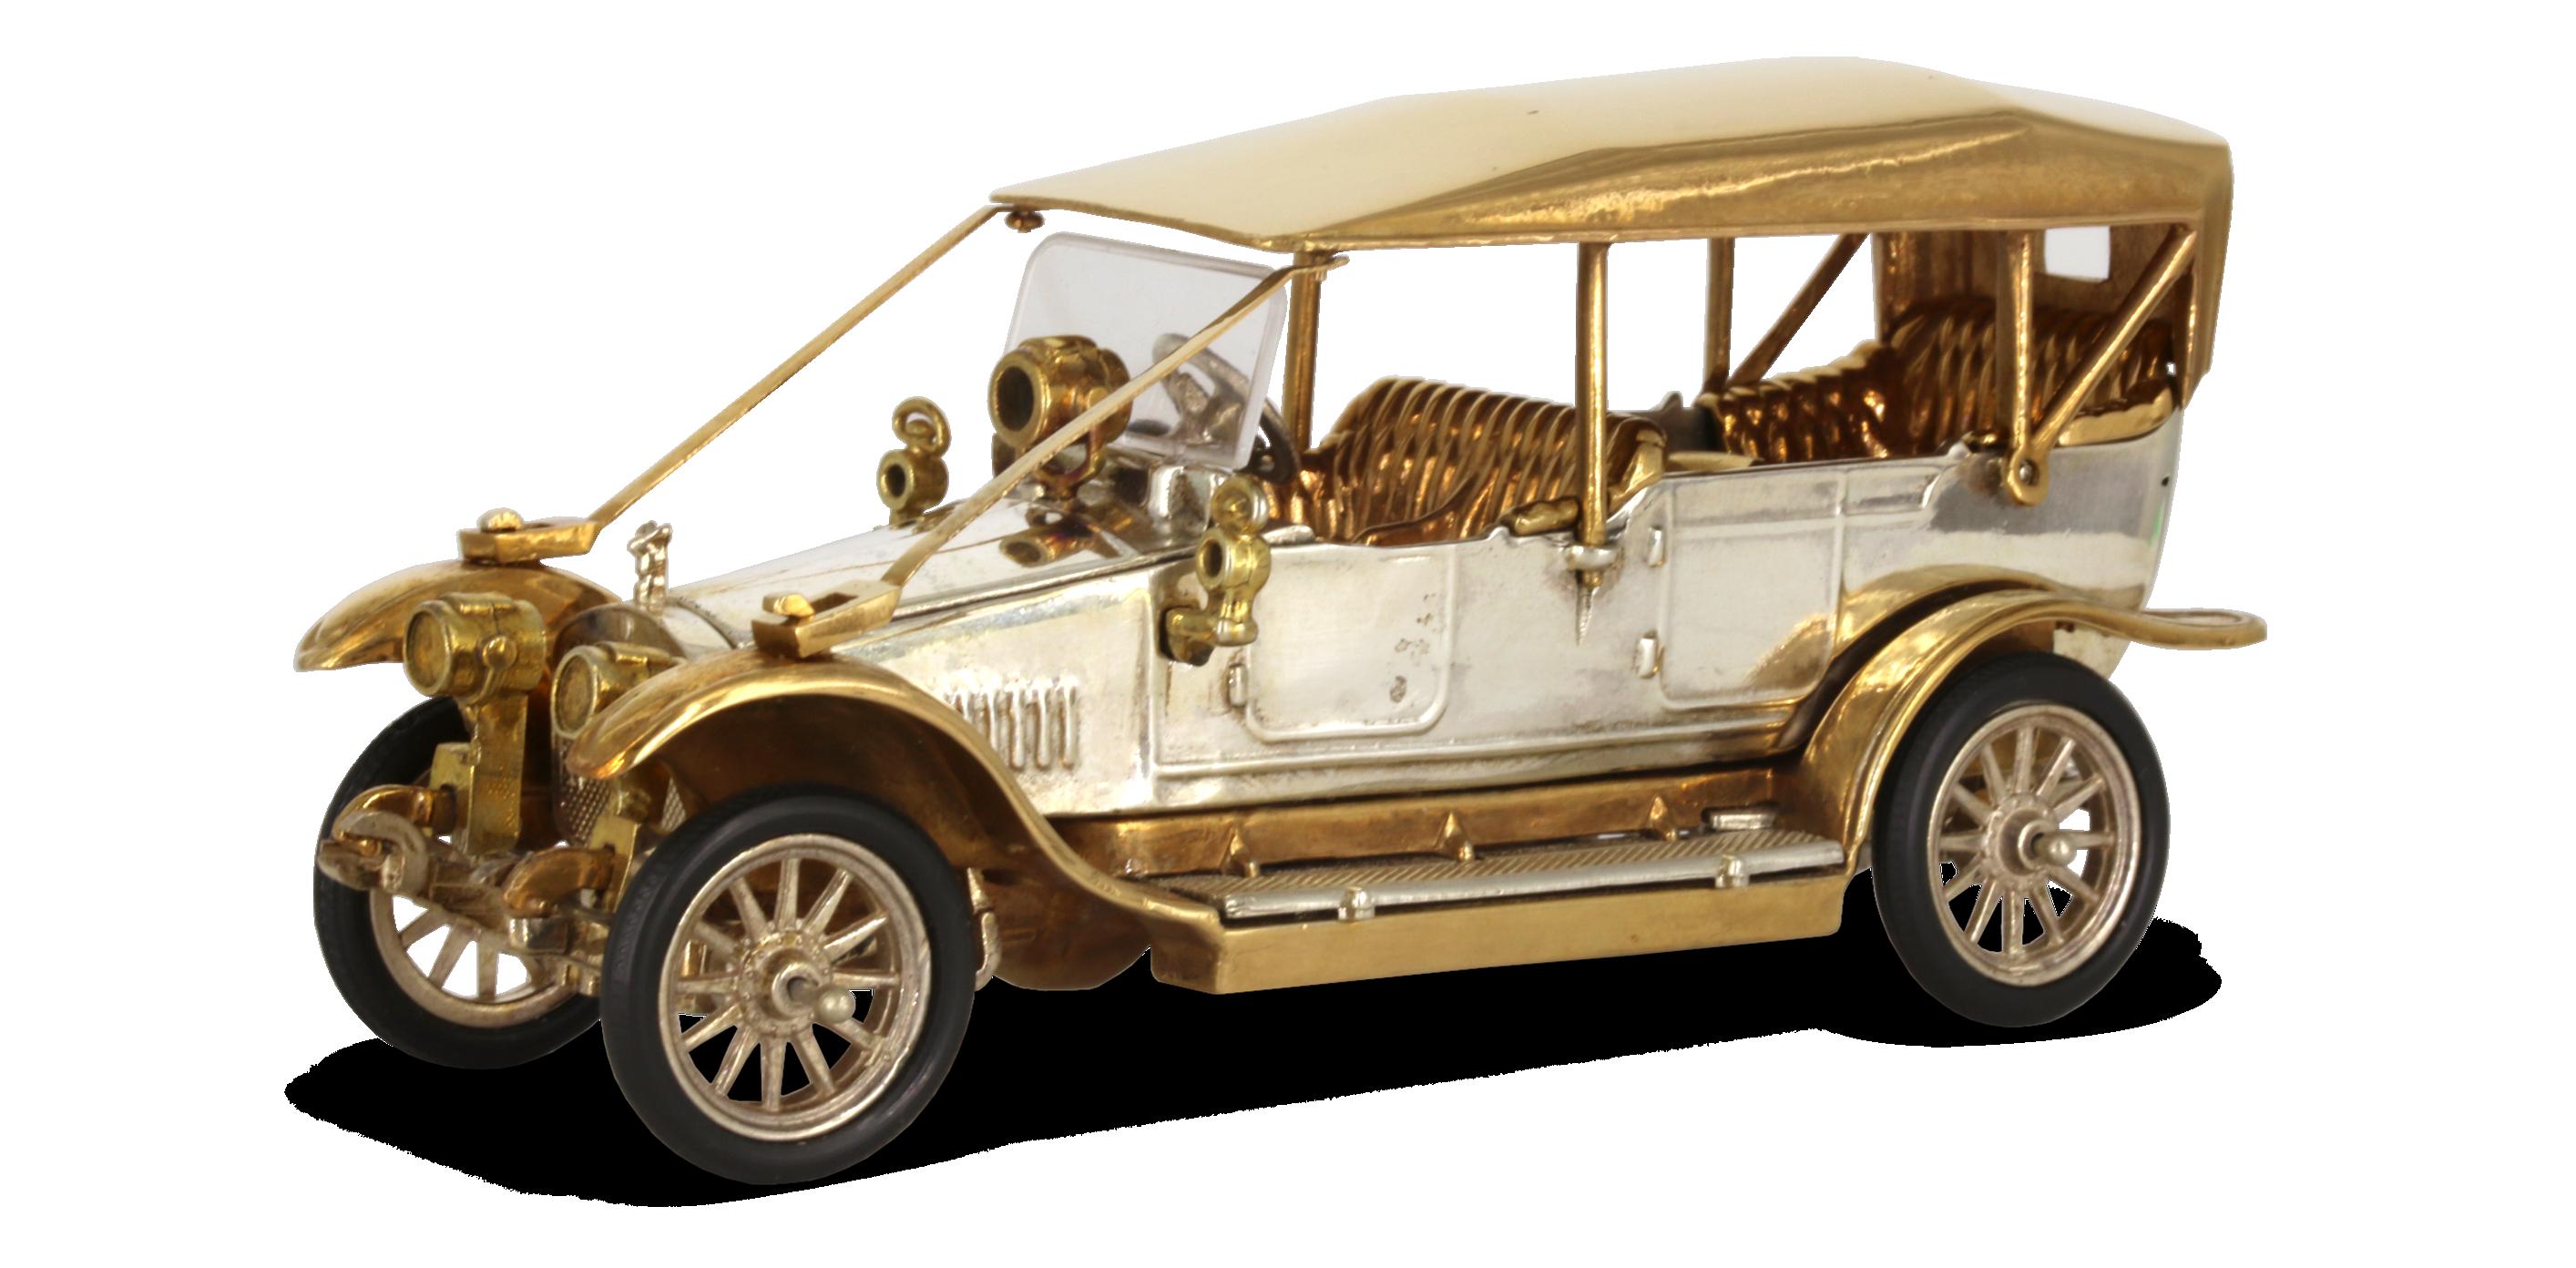 Руссо-Балт С-24/40 с металлической крышей